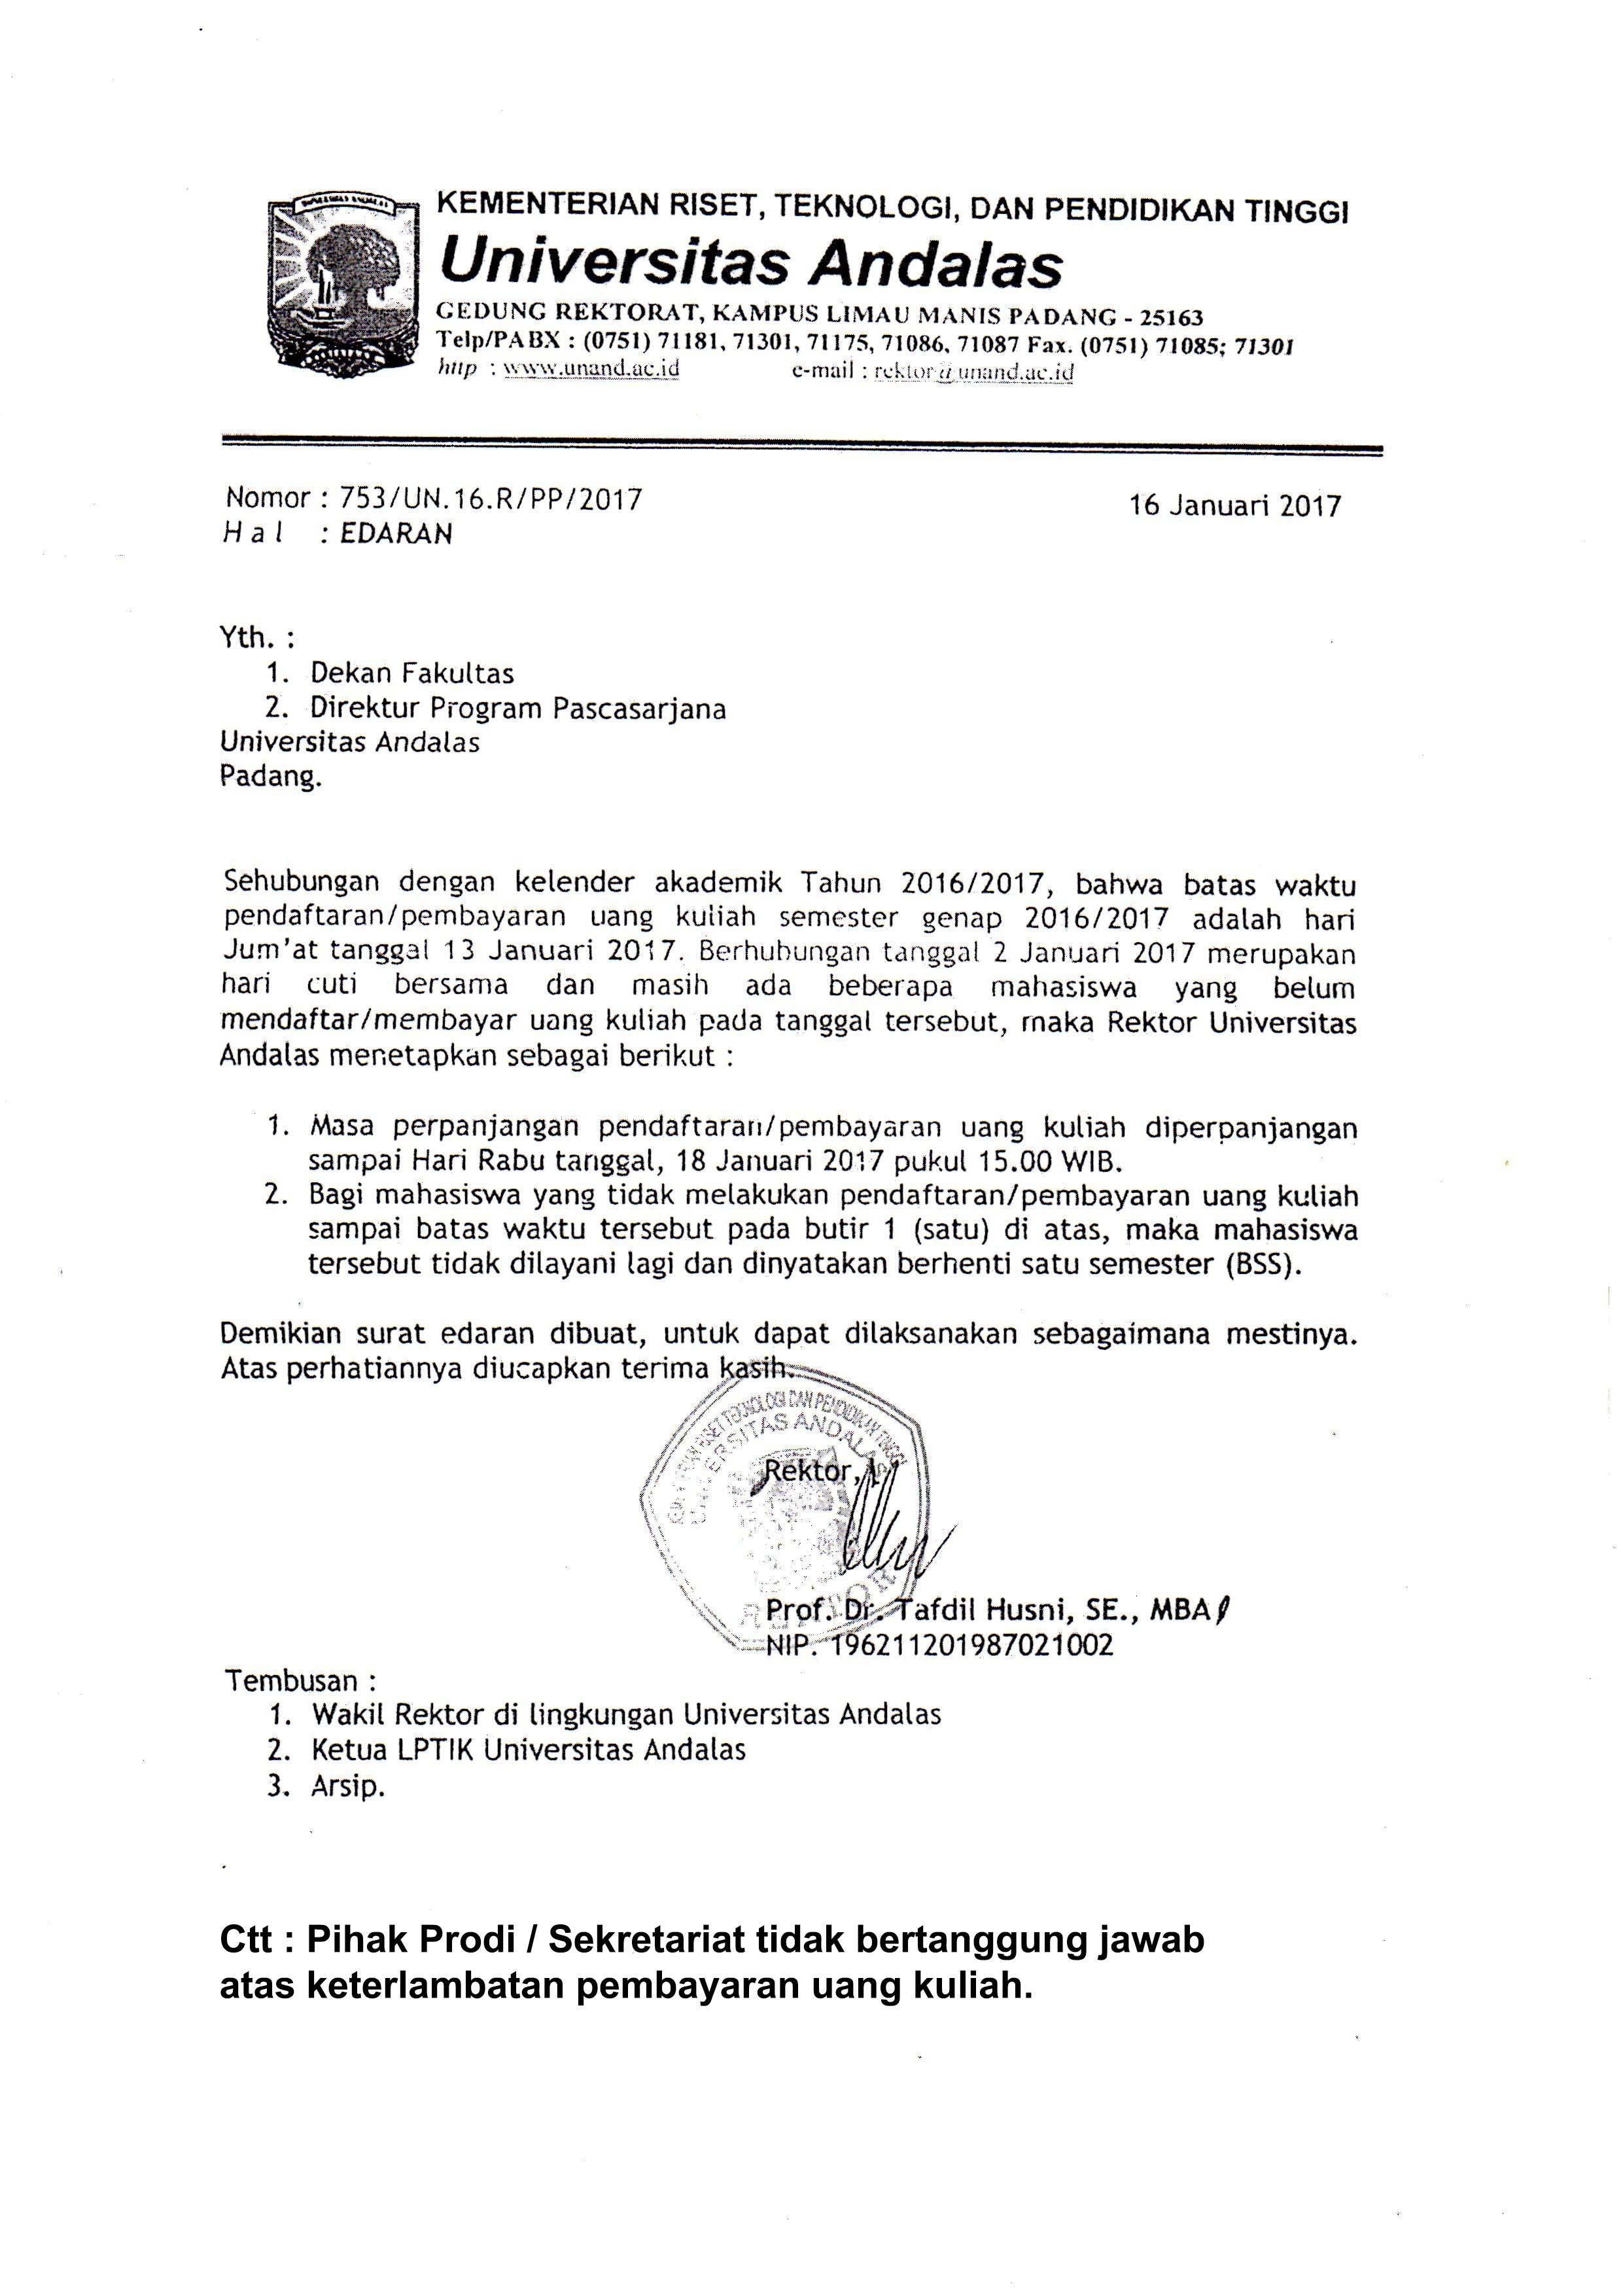 Surat Edaran Rektor Pemberitahuan Mengenai Pembayaran Uang